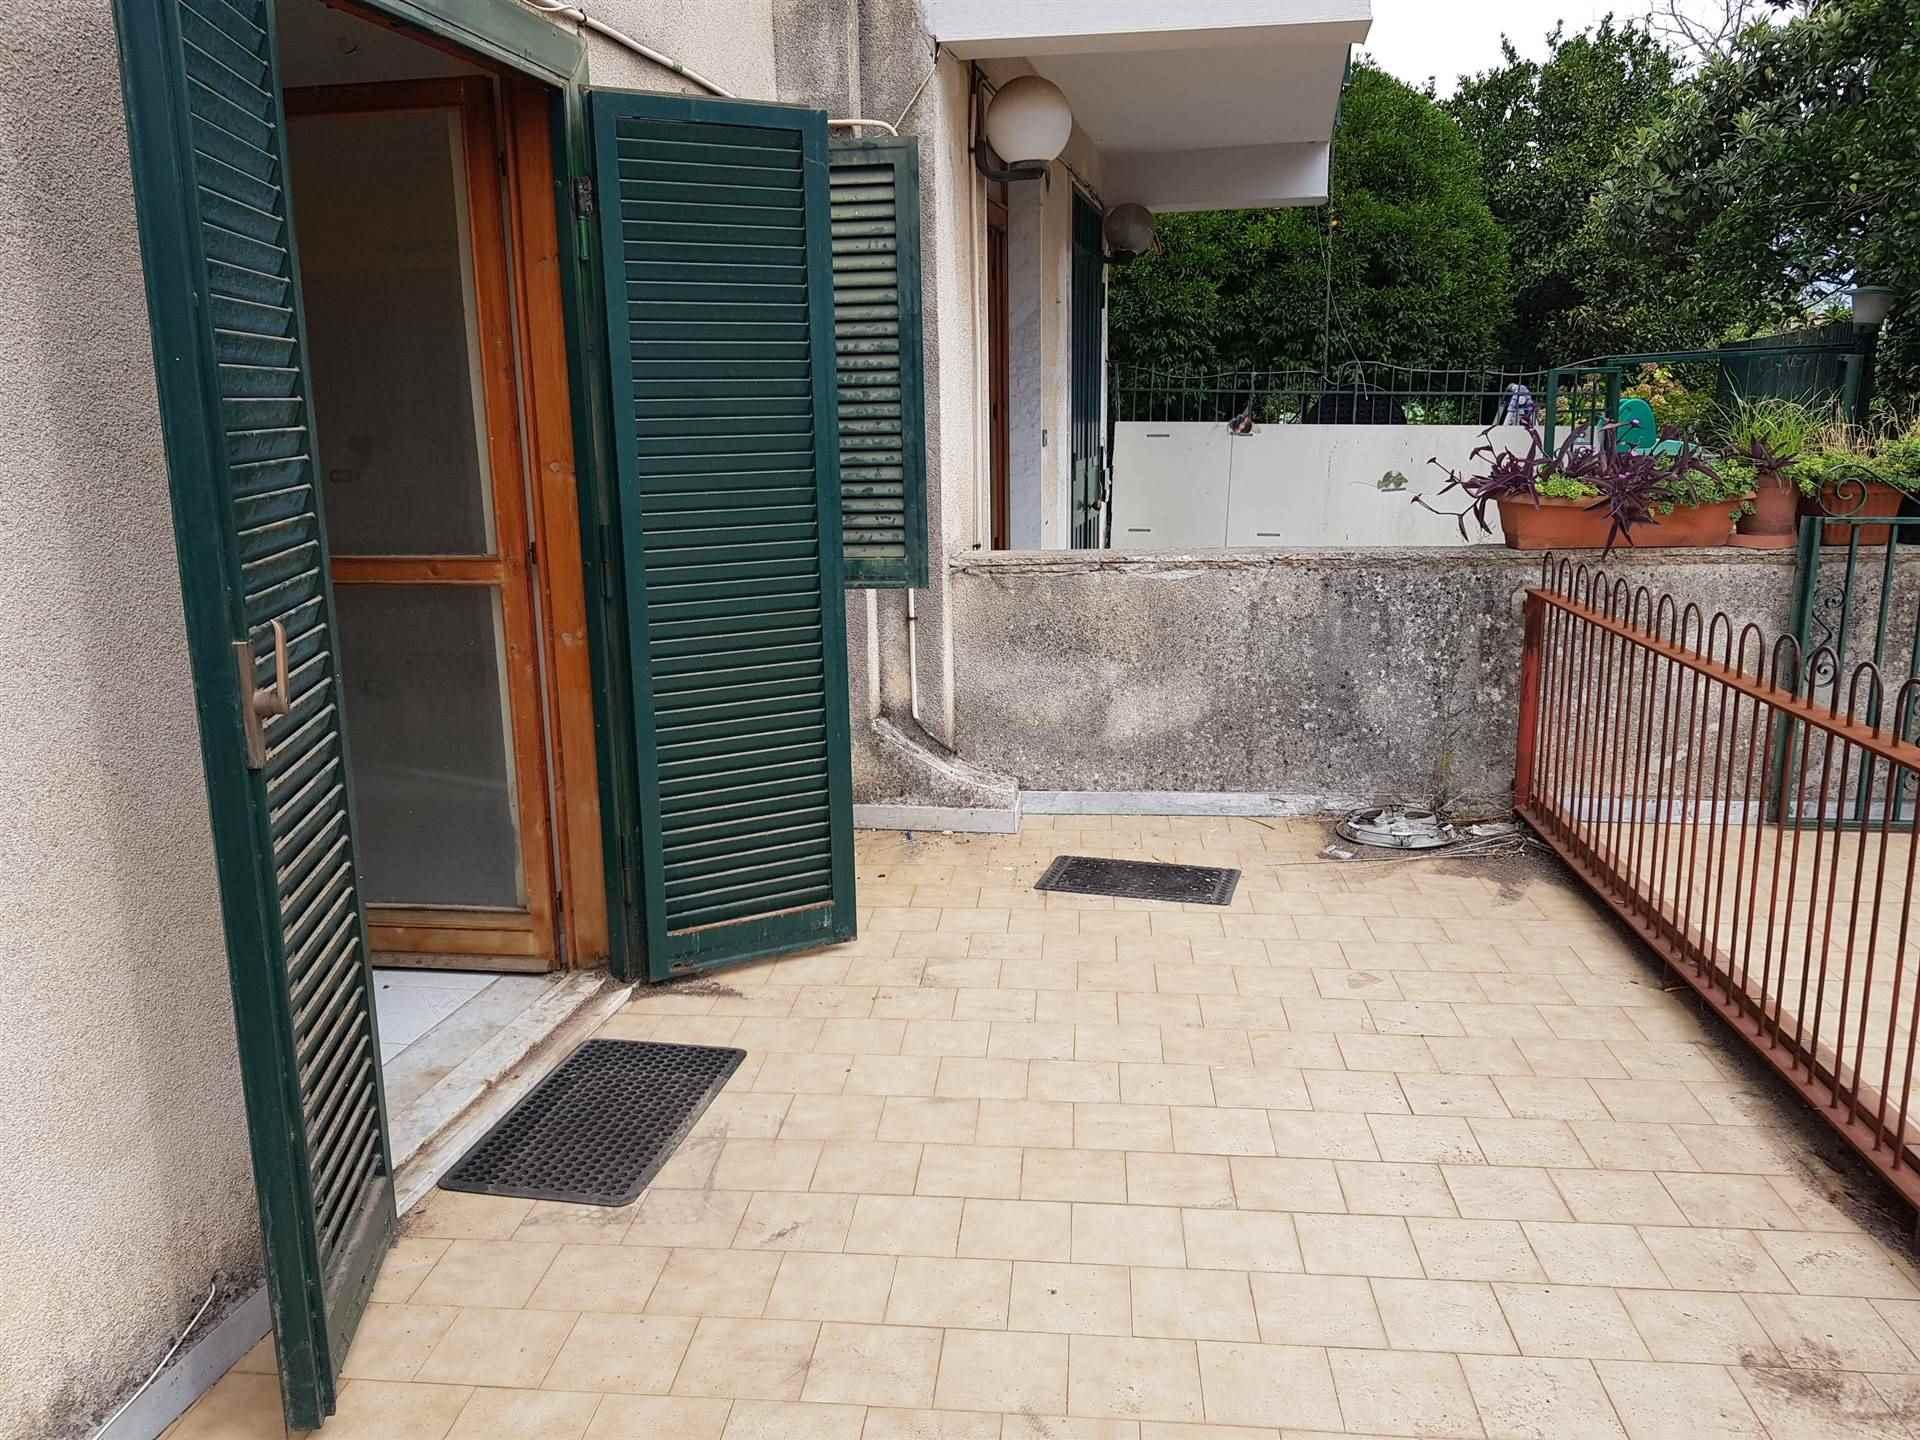 Appartamento in vendita a Baronissi, 2 locali, zona Zona: Saragnano, prezzo € 70.000 | CambioCasa.it